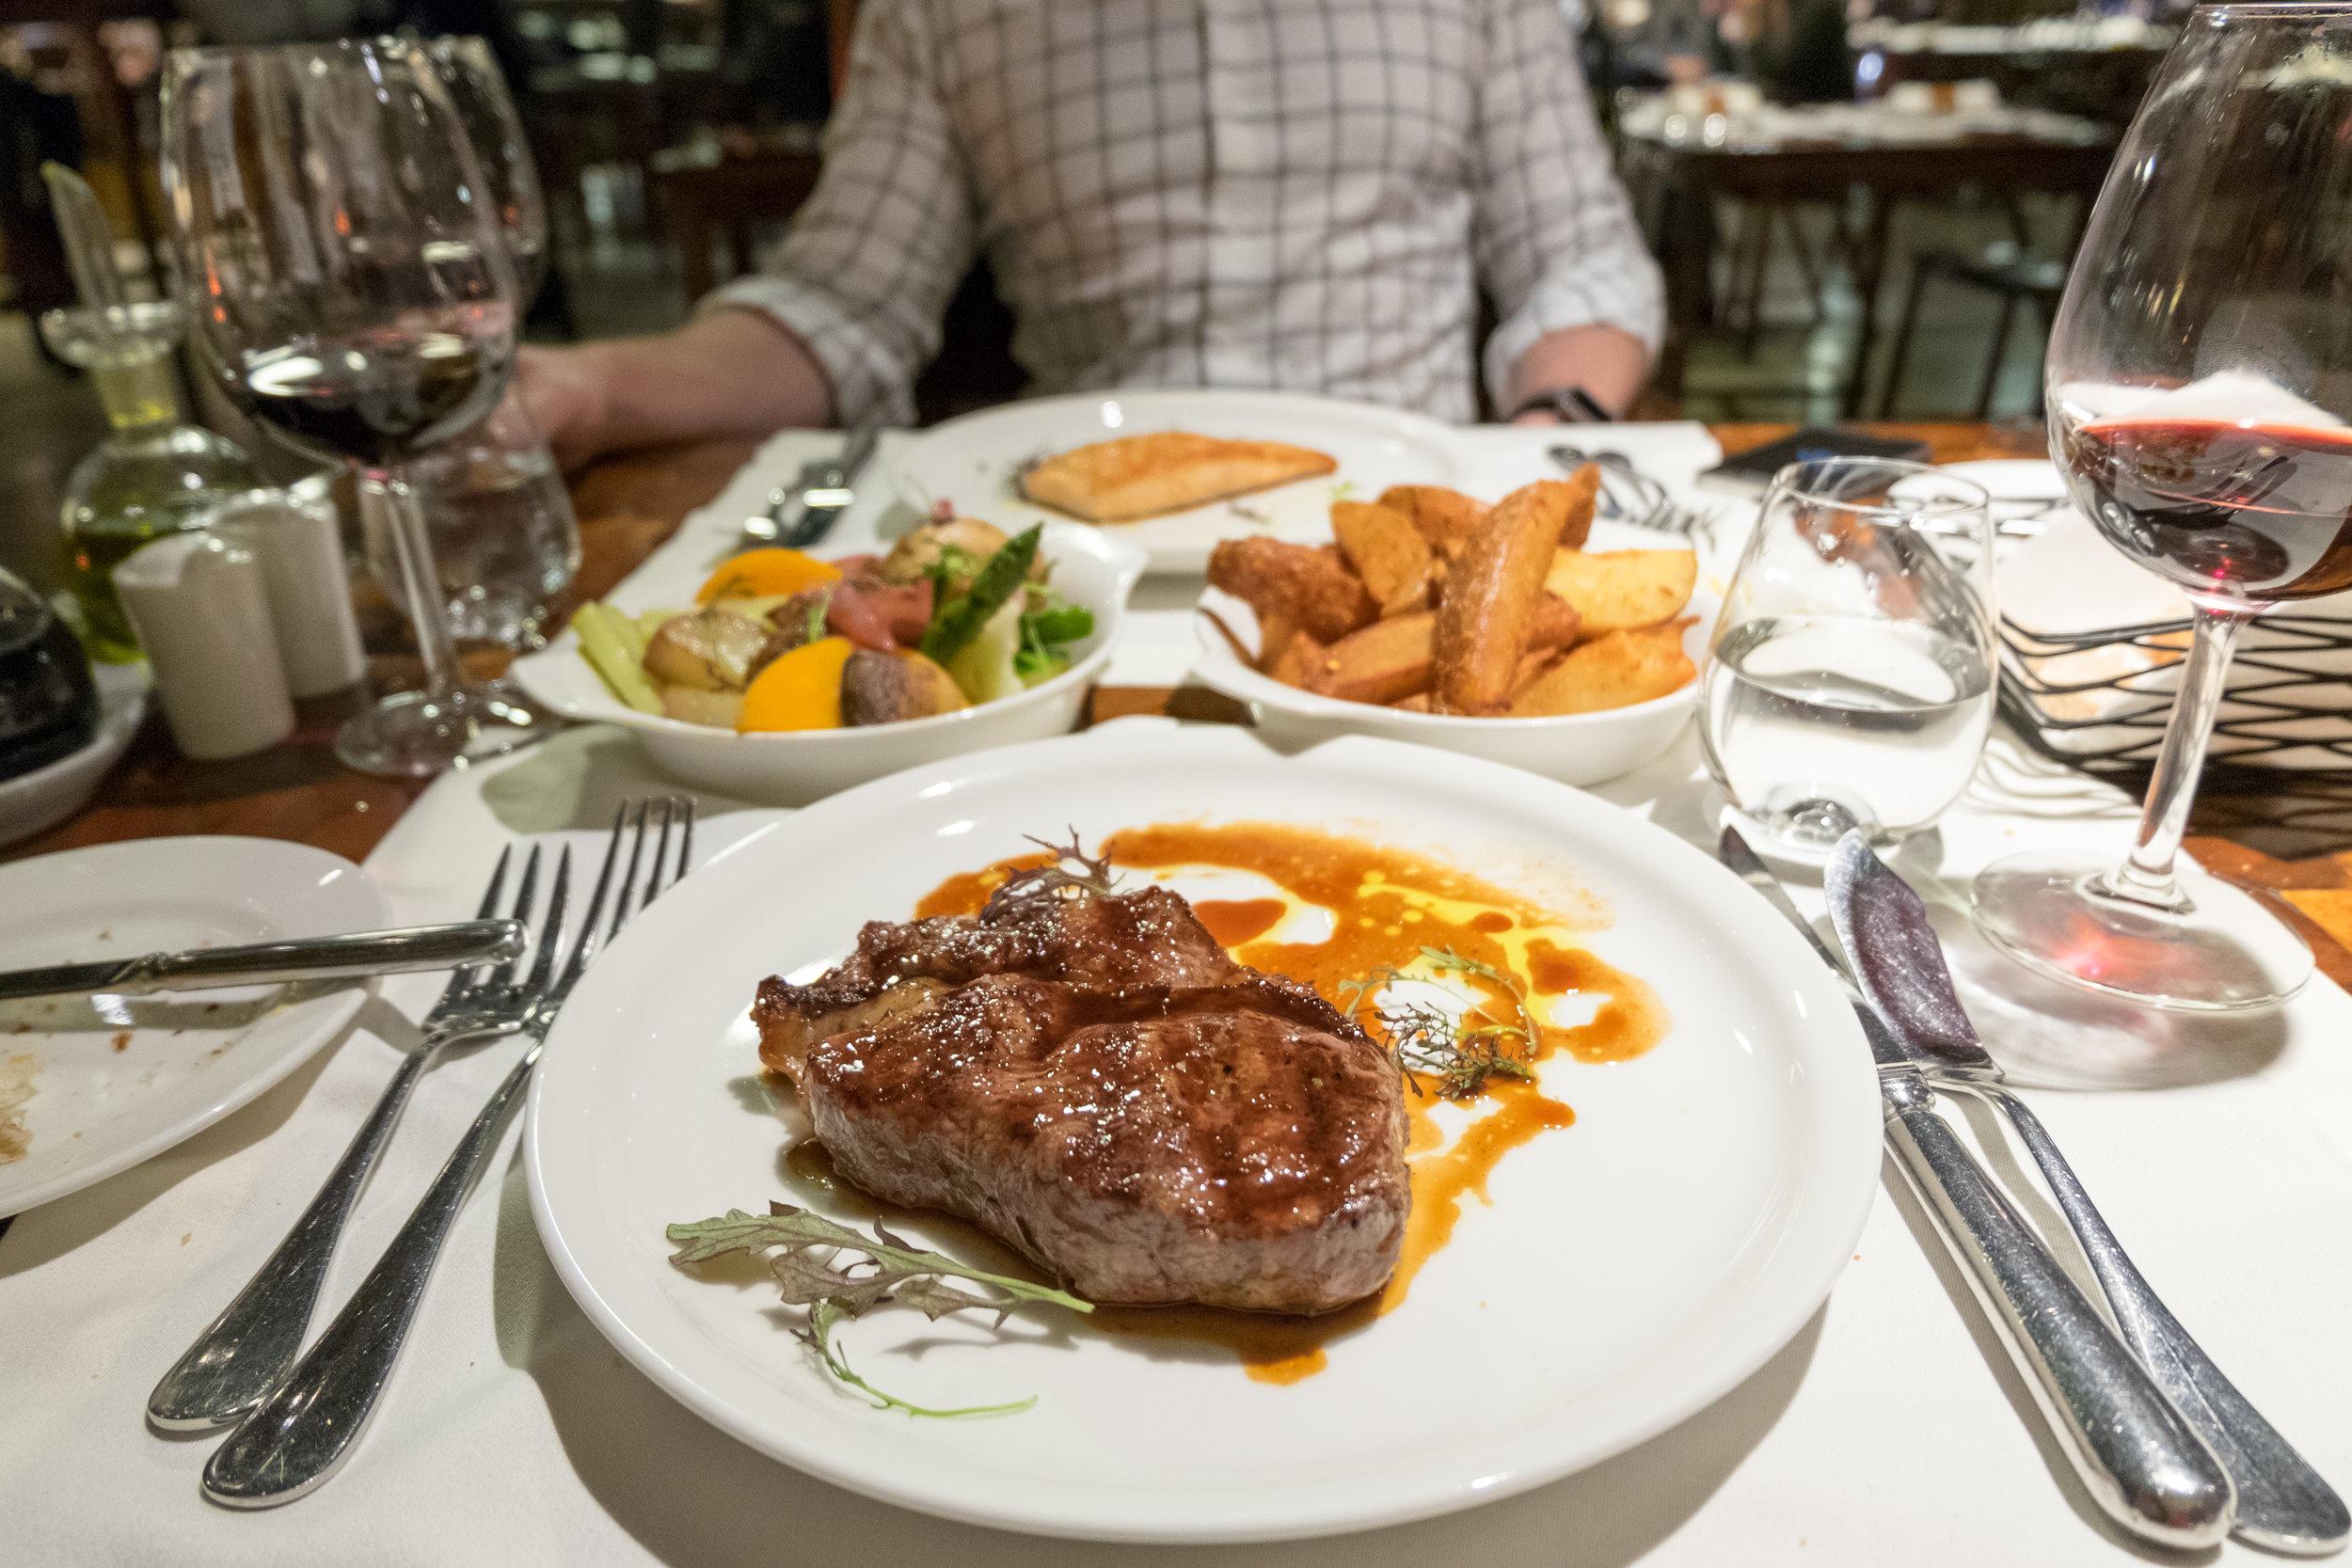 Patagonian steak with papas bravas